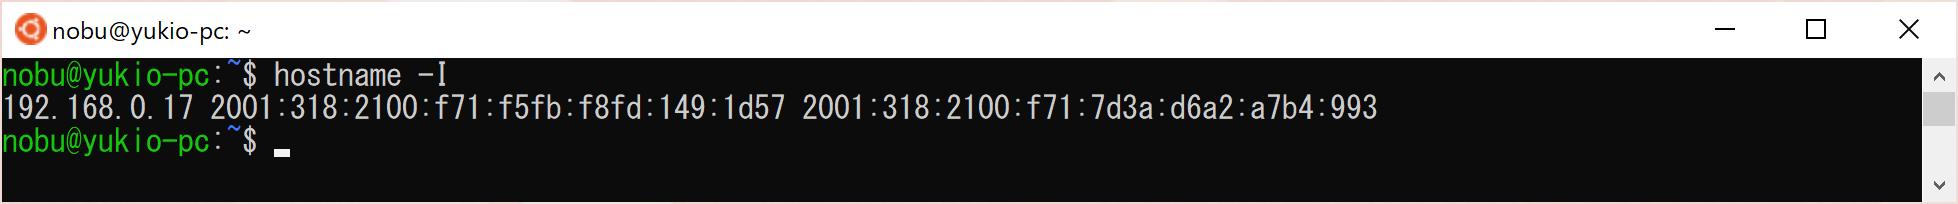 Ubuntu 20.04 LTSのコンソール画面でIPアドレス確認コマンド「hostname -I」を実行した結果